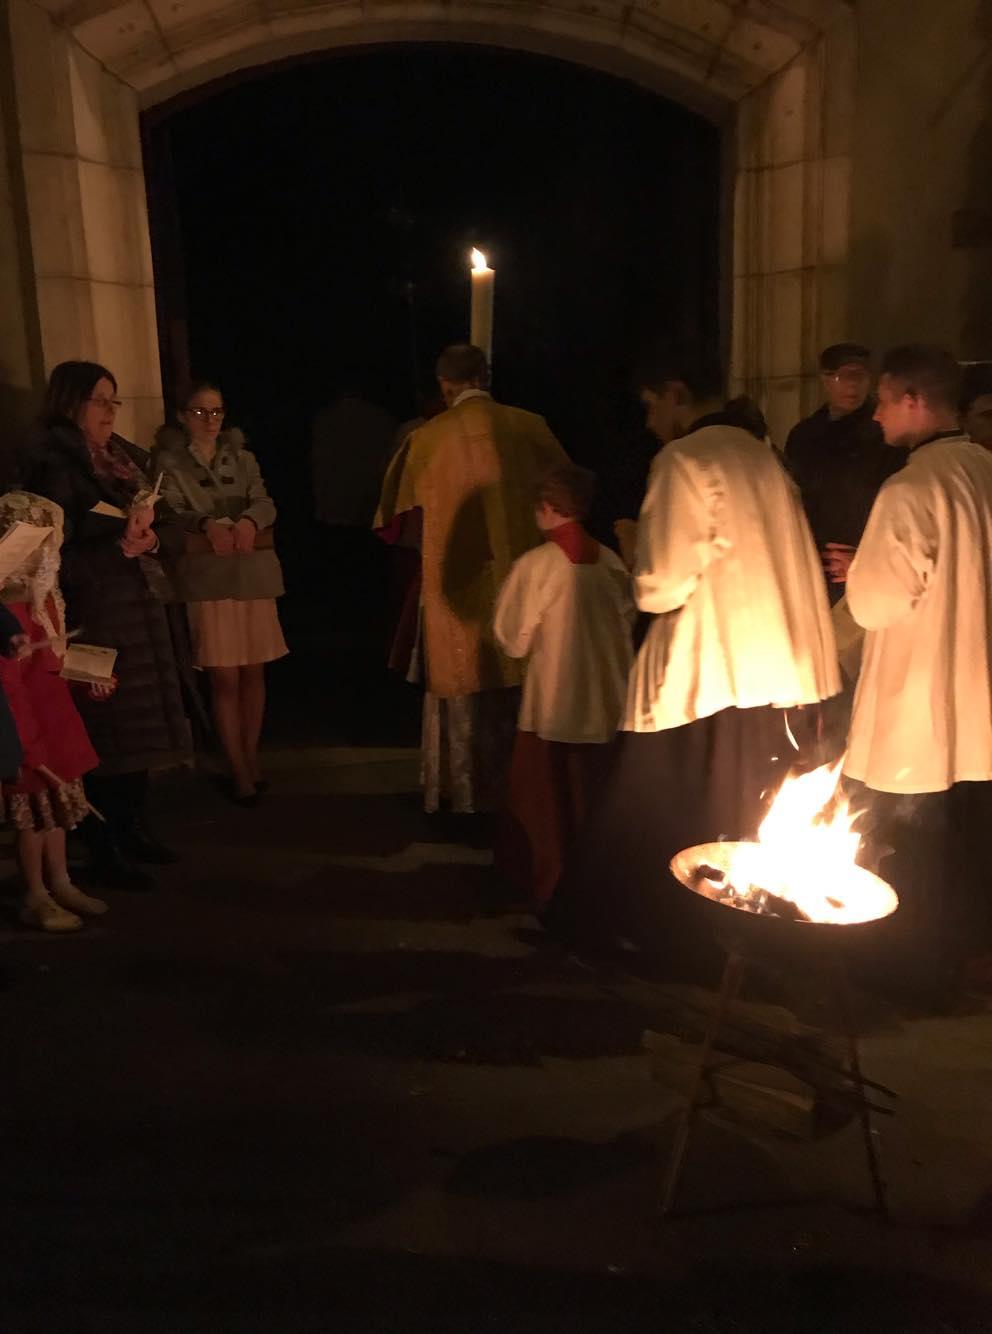 procession d'entrée dans l'église plongée dans l'obscurité.